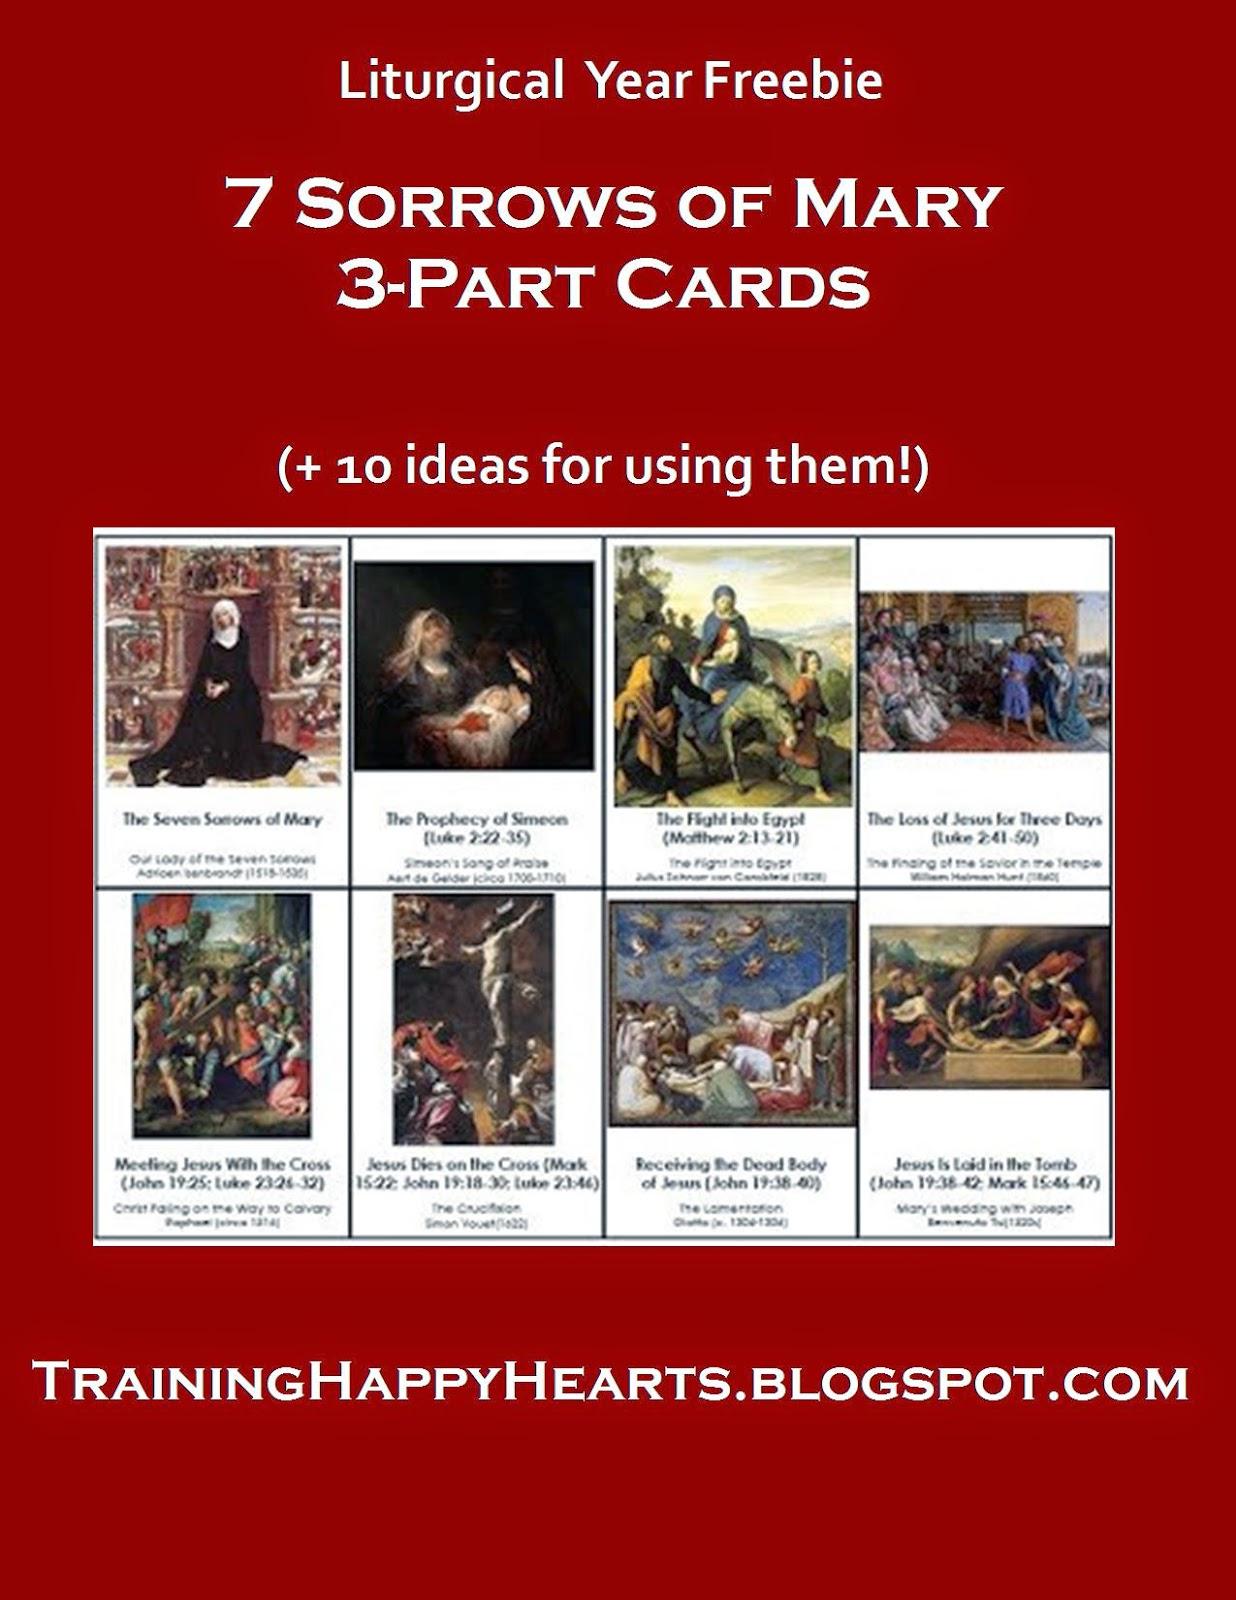 http://traininghappyhearts.blogspot.com/2013/09/seven-sorrows-of-mary-3-part-cards-free.html